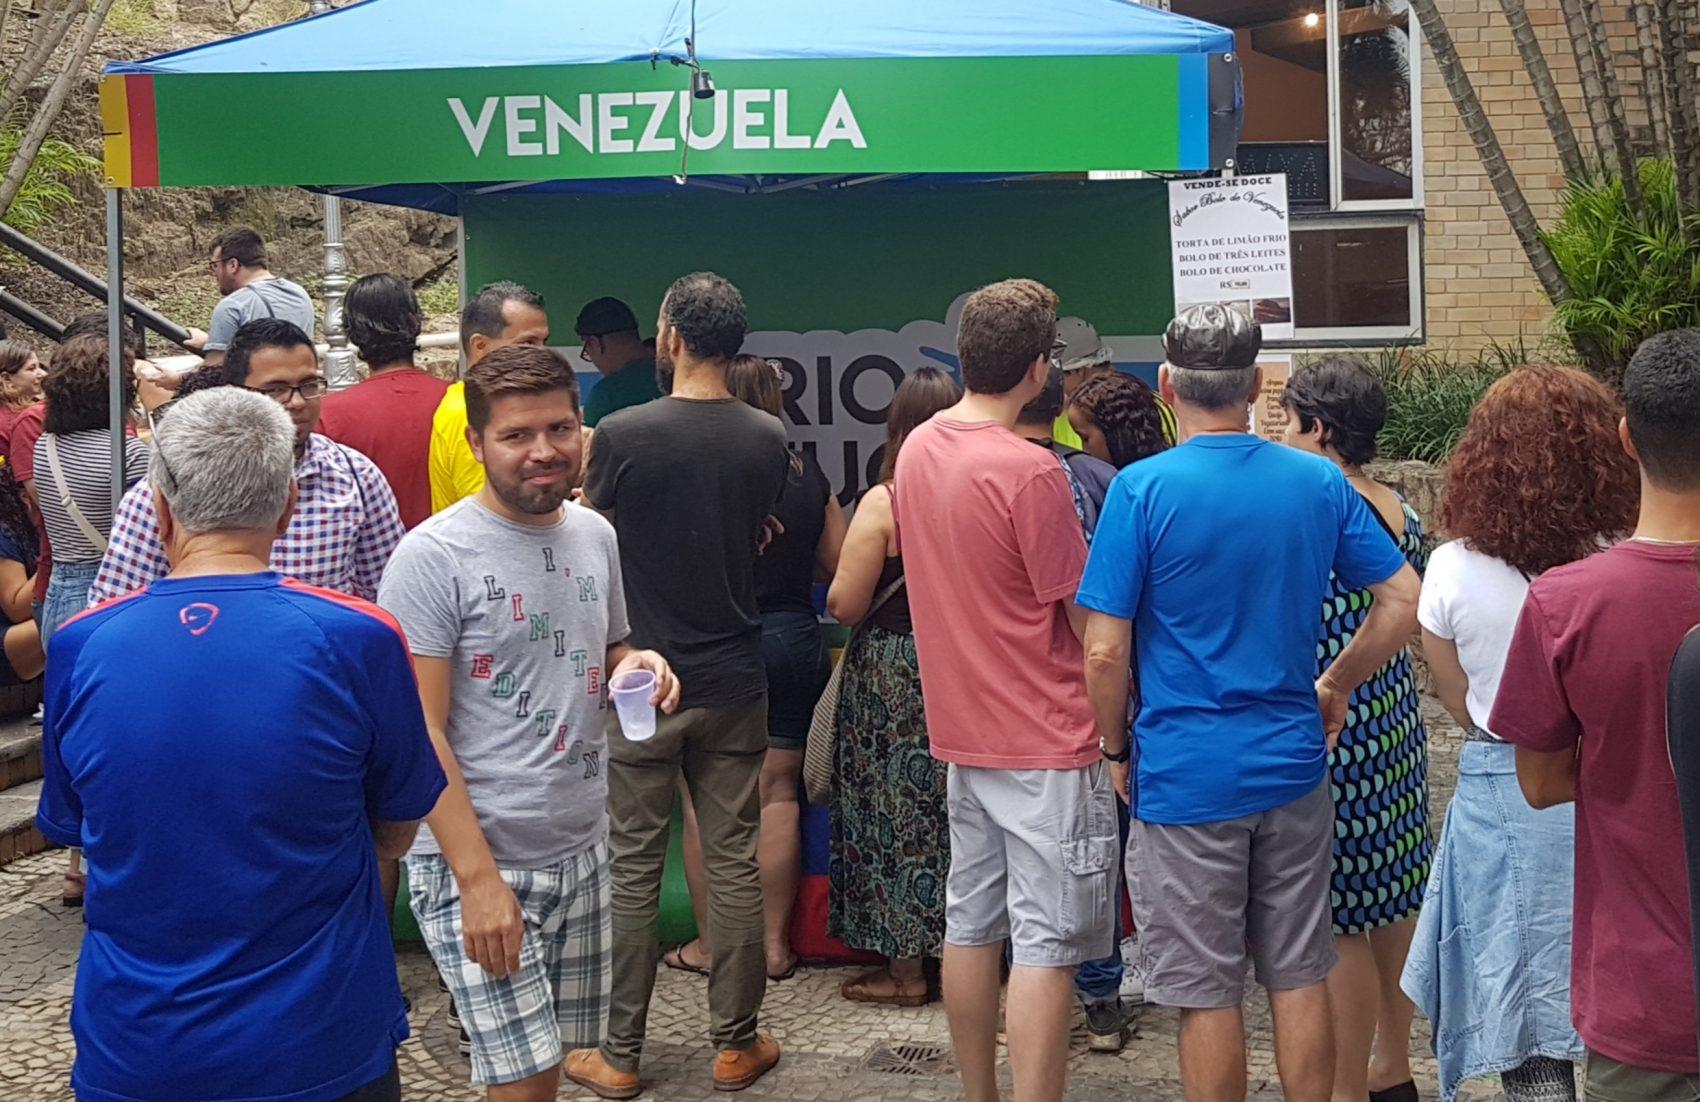 Numa das barracas da Venezuela, fila para comprar doce: venezuelanos representaram 75% dos 80 mil pedidos de refúgio ao Brasil em 2018 (Foto: Oscar Valporto)